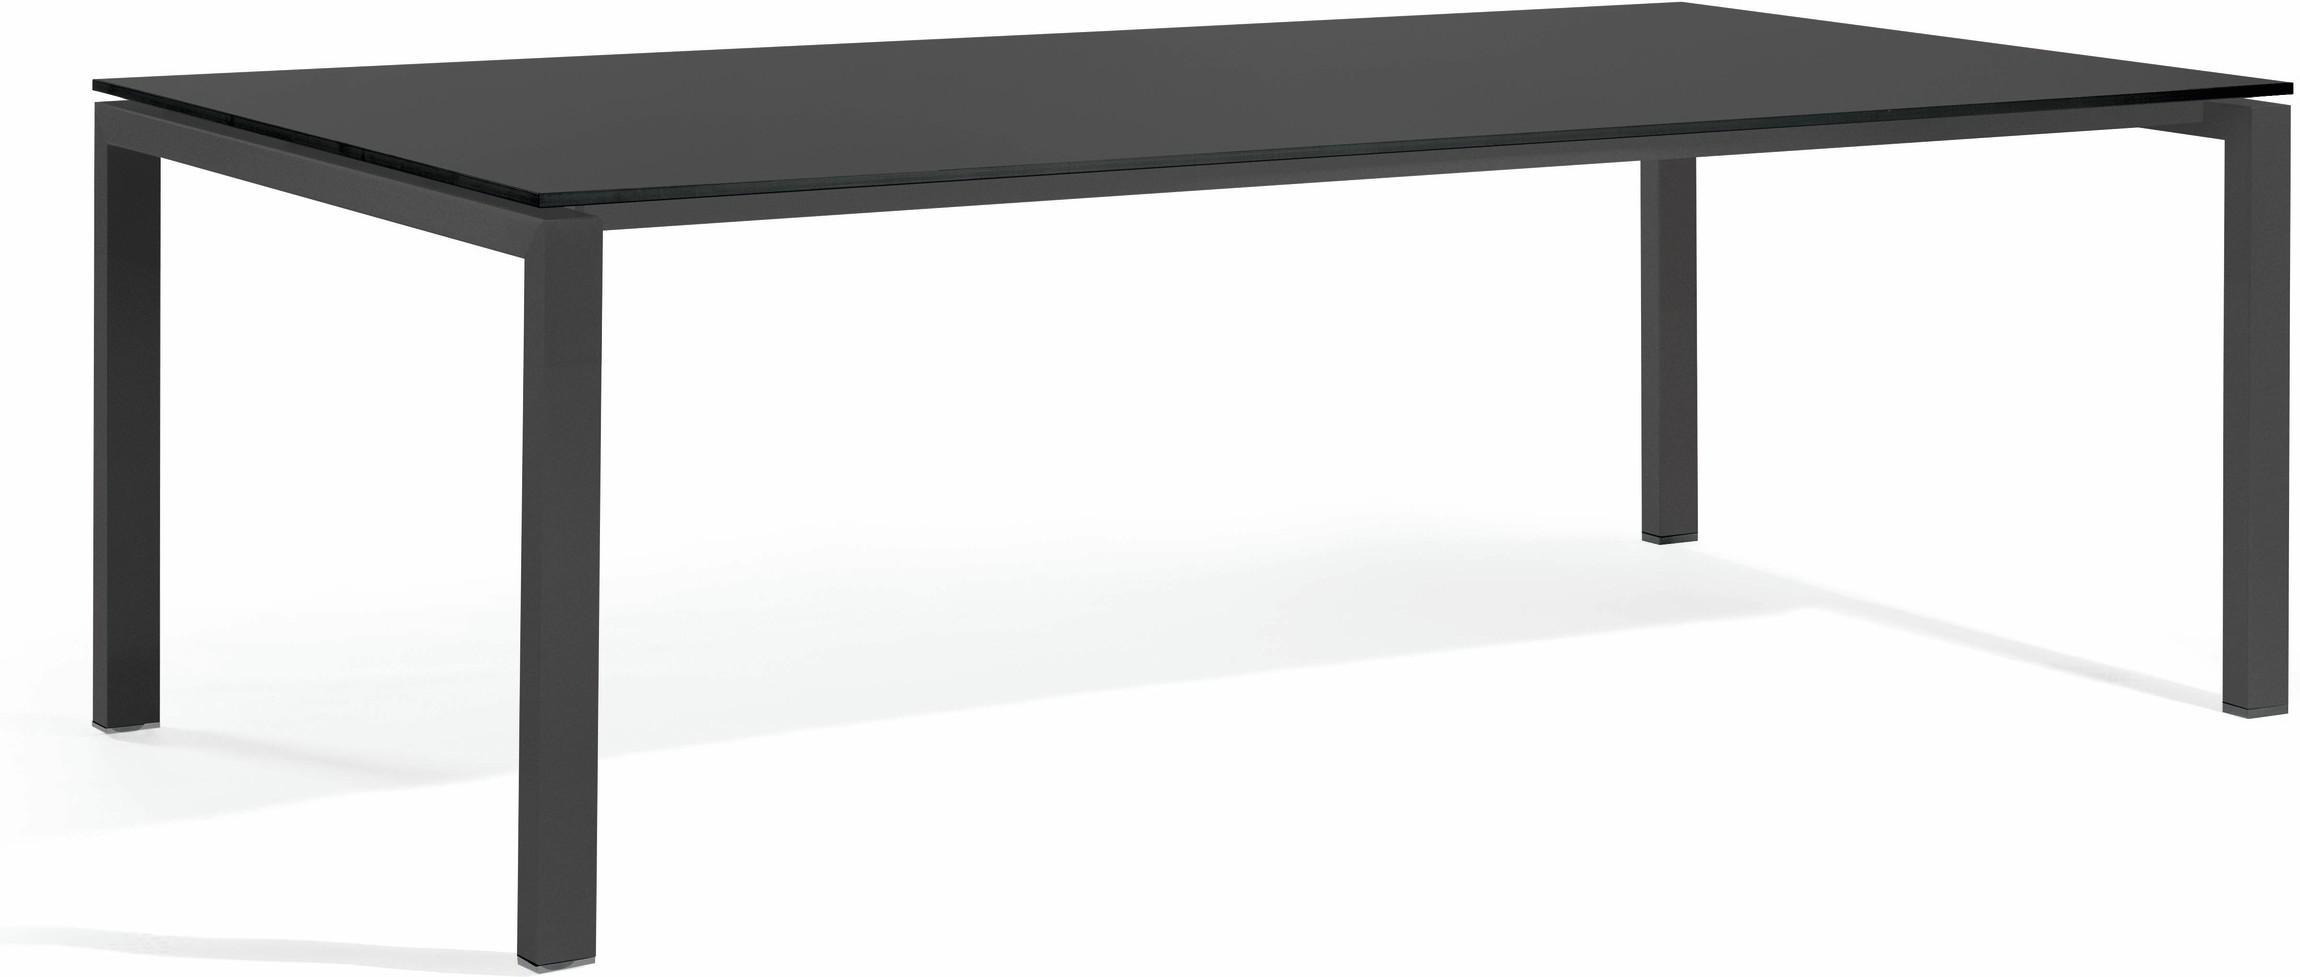 Trento Esstisch - Glas schwarz GLB 270